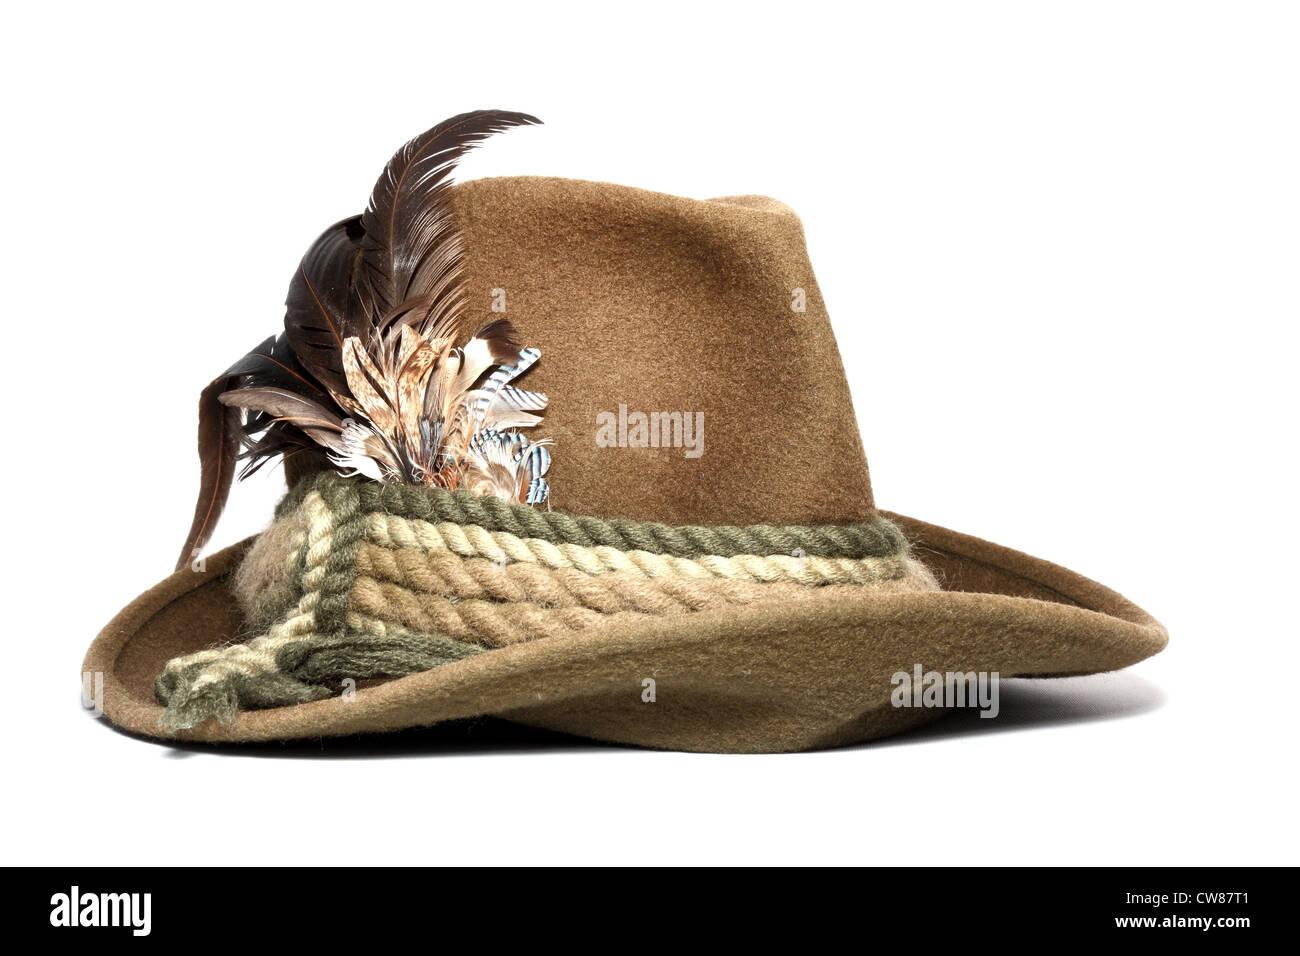 Vintage Wolle Jagd Hut mit Federn geschmückt auf weißem